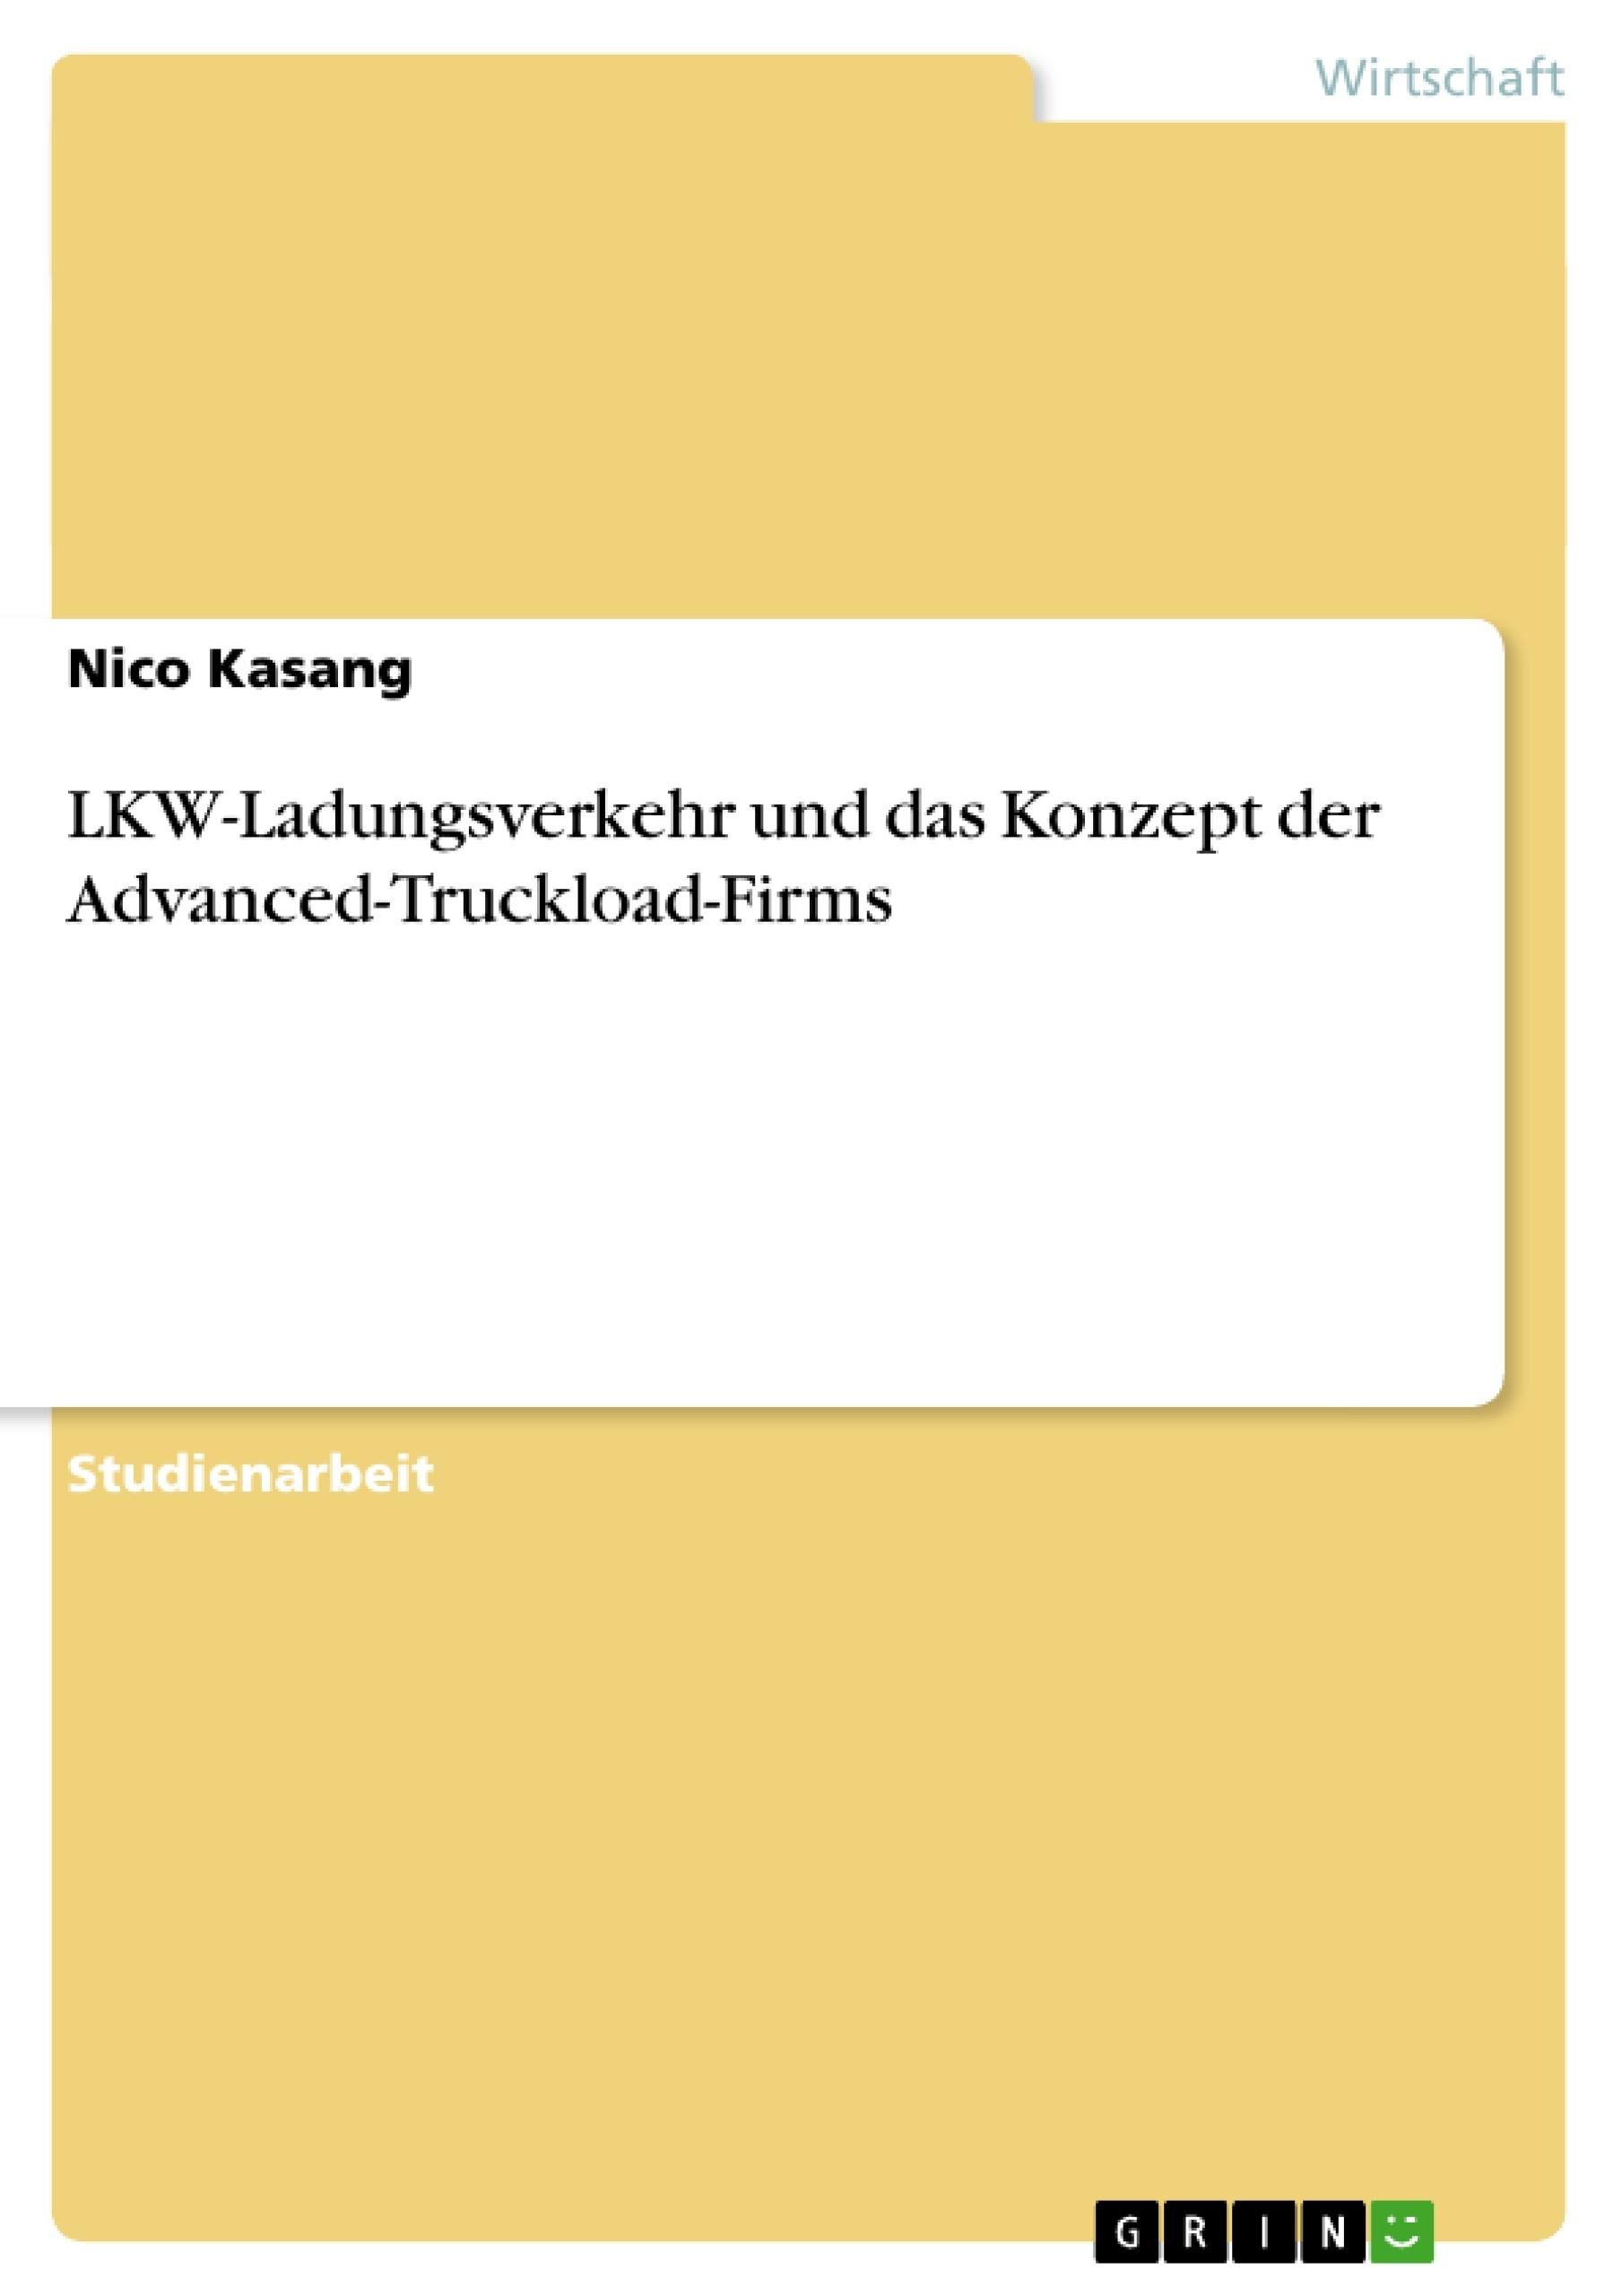 Titel: LKW-Ladungsverkehr und das Konzept der Advanced-Truckload-Firms